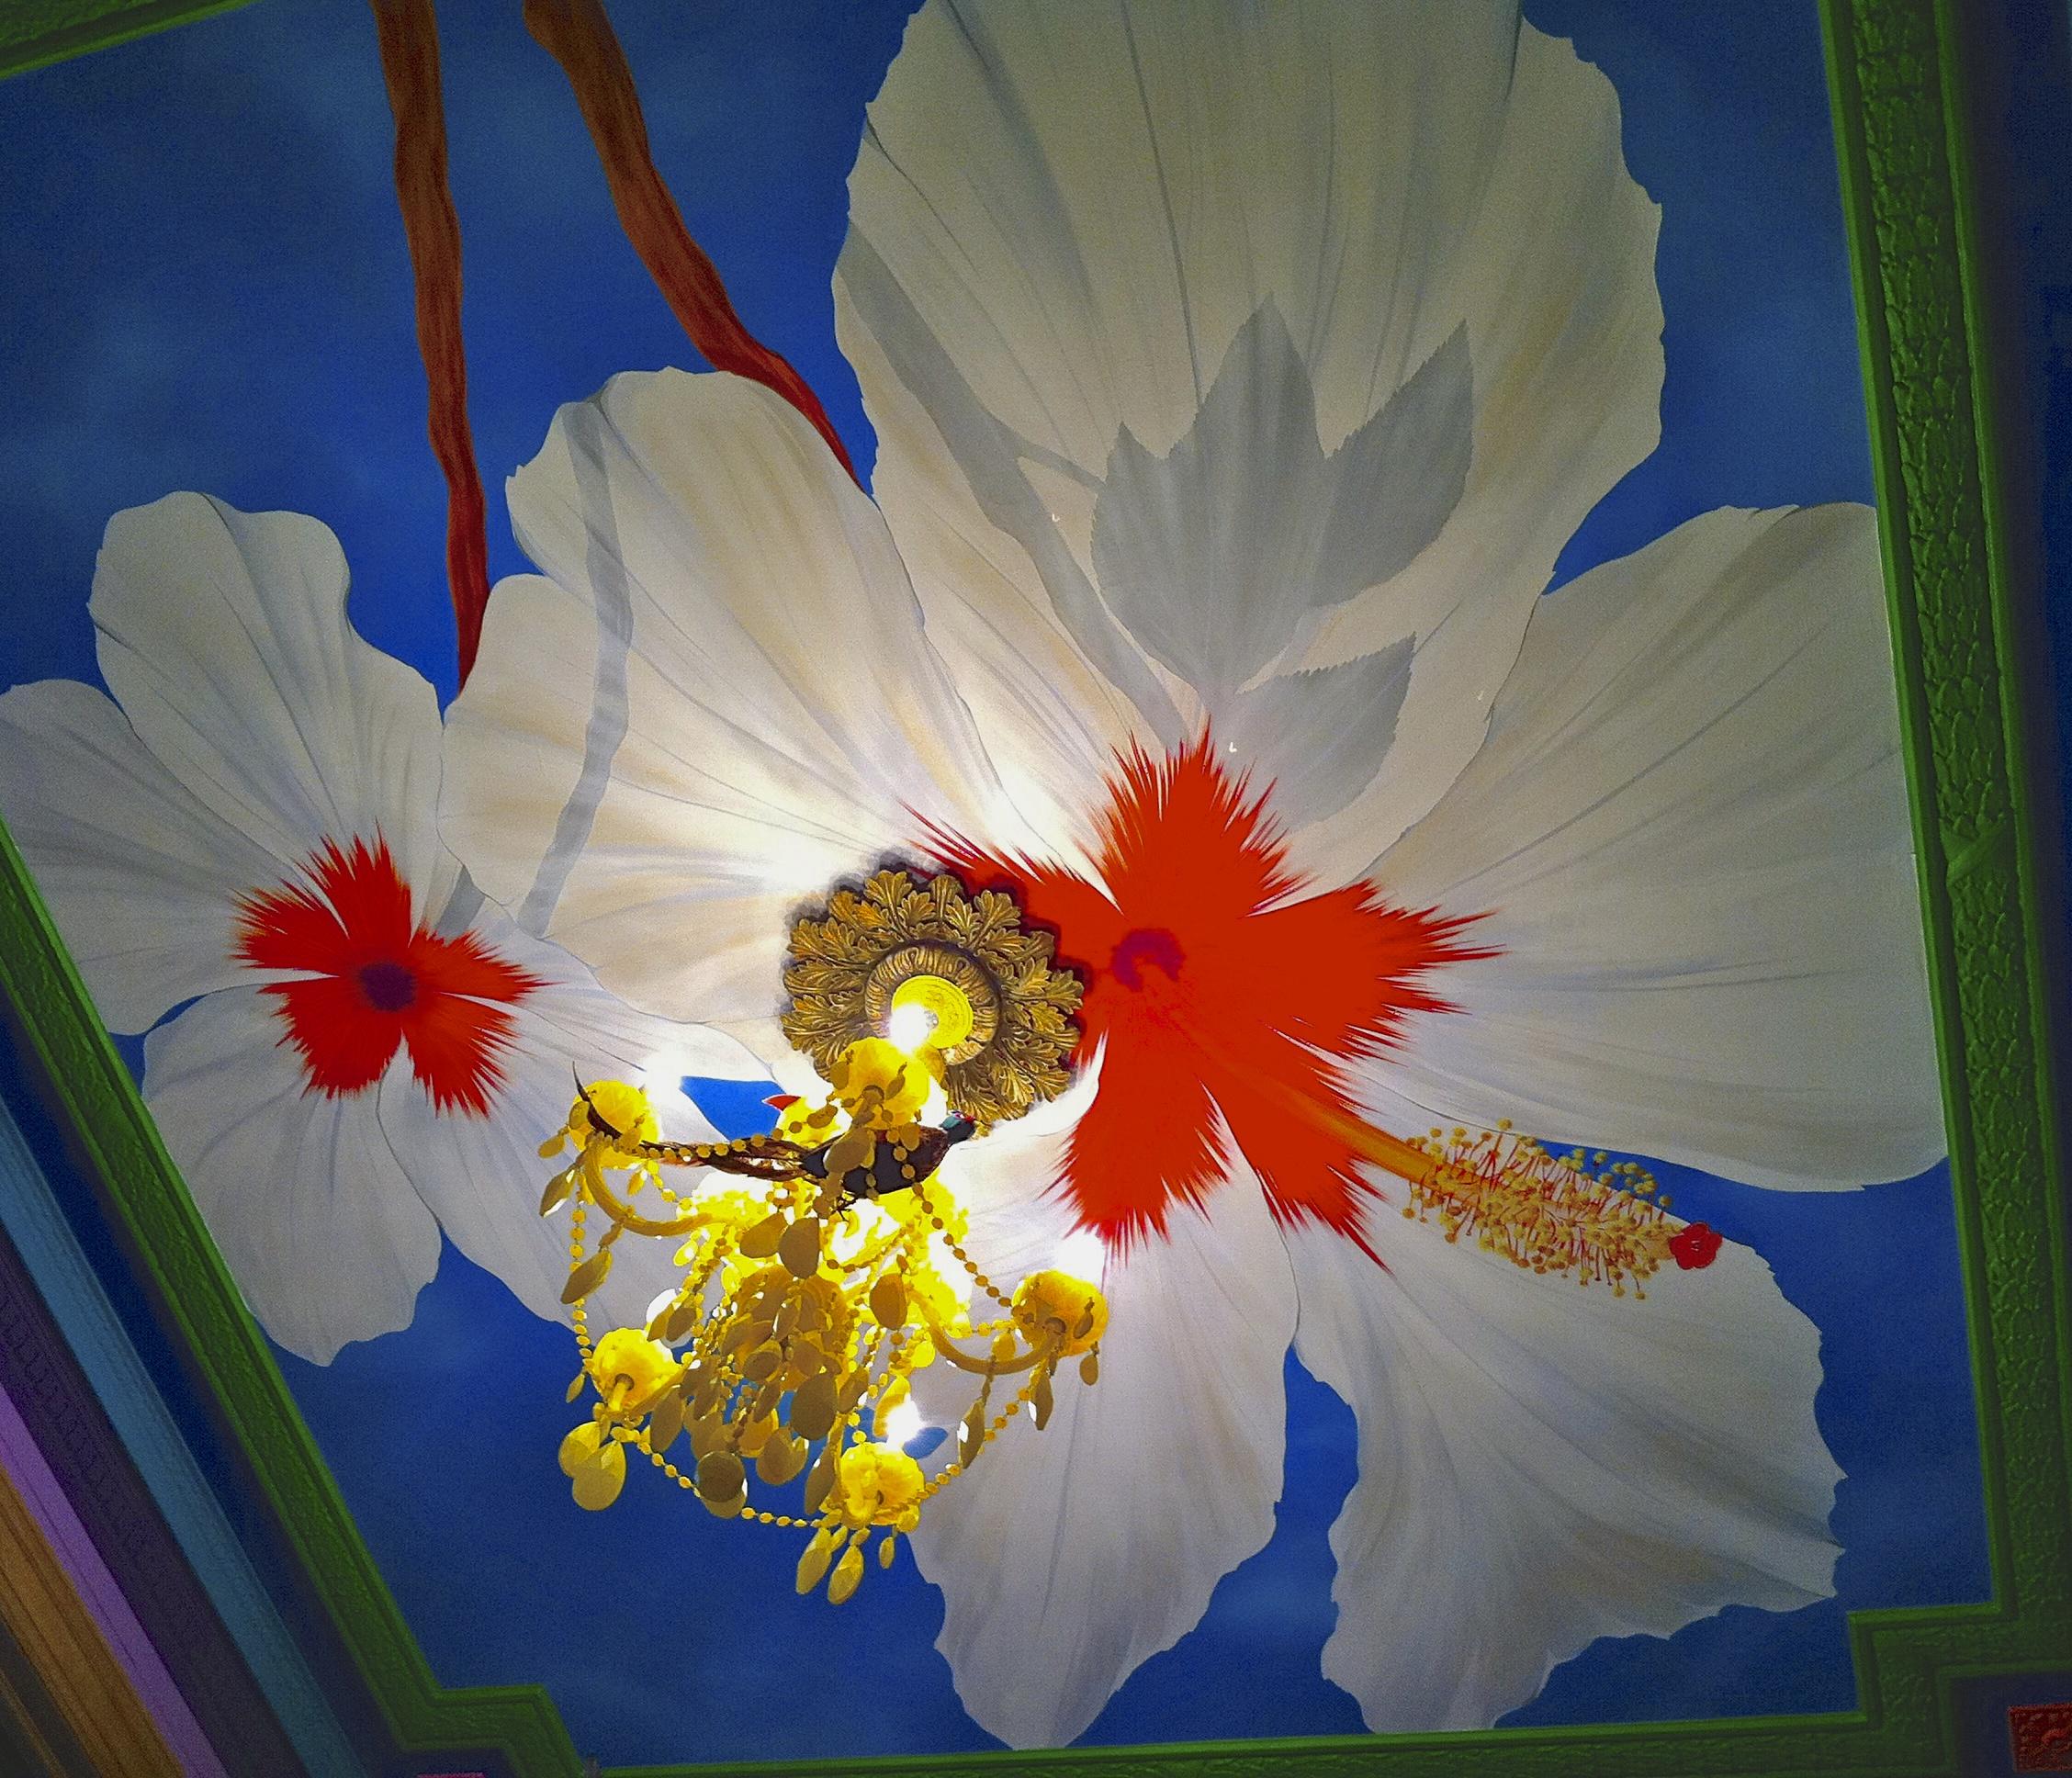 Flower Ceiling Mural